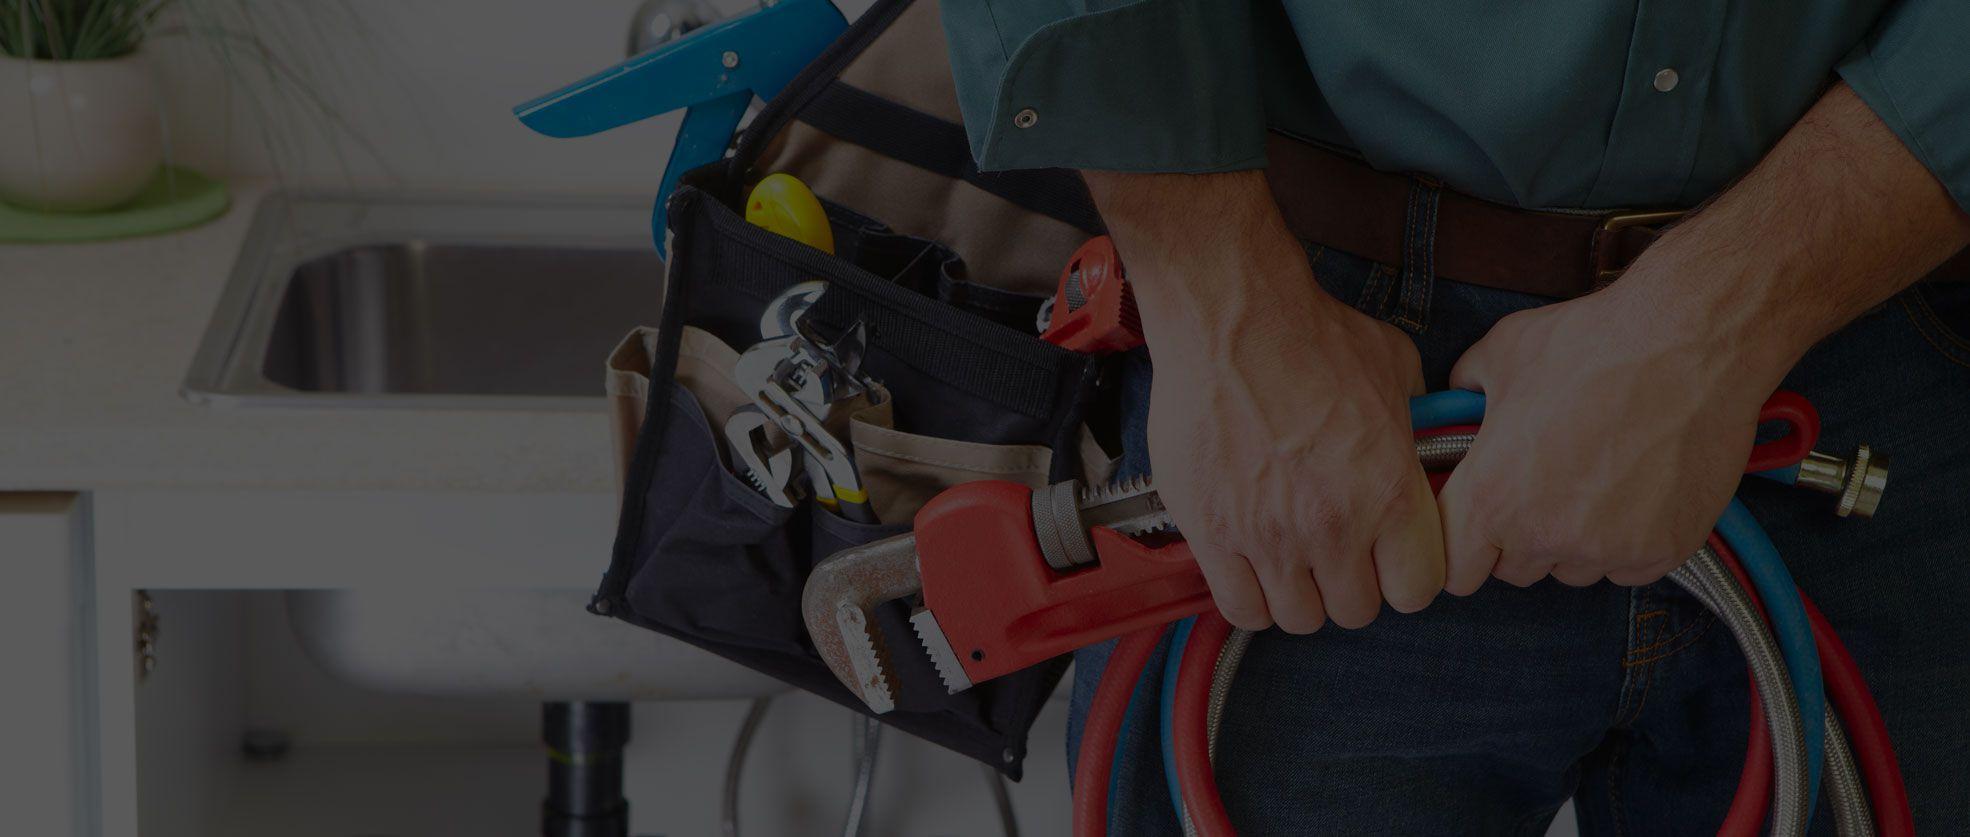 emergency-plumbing-service